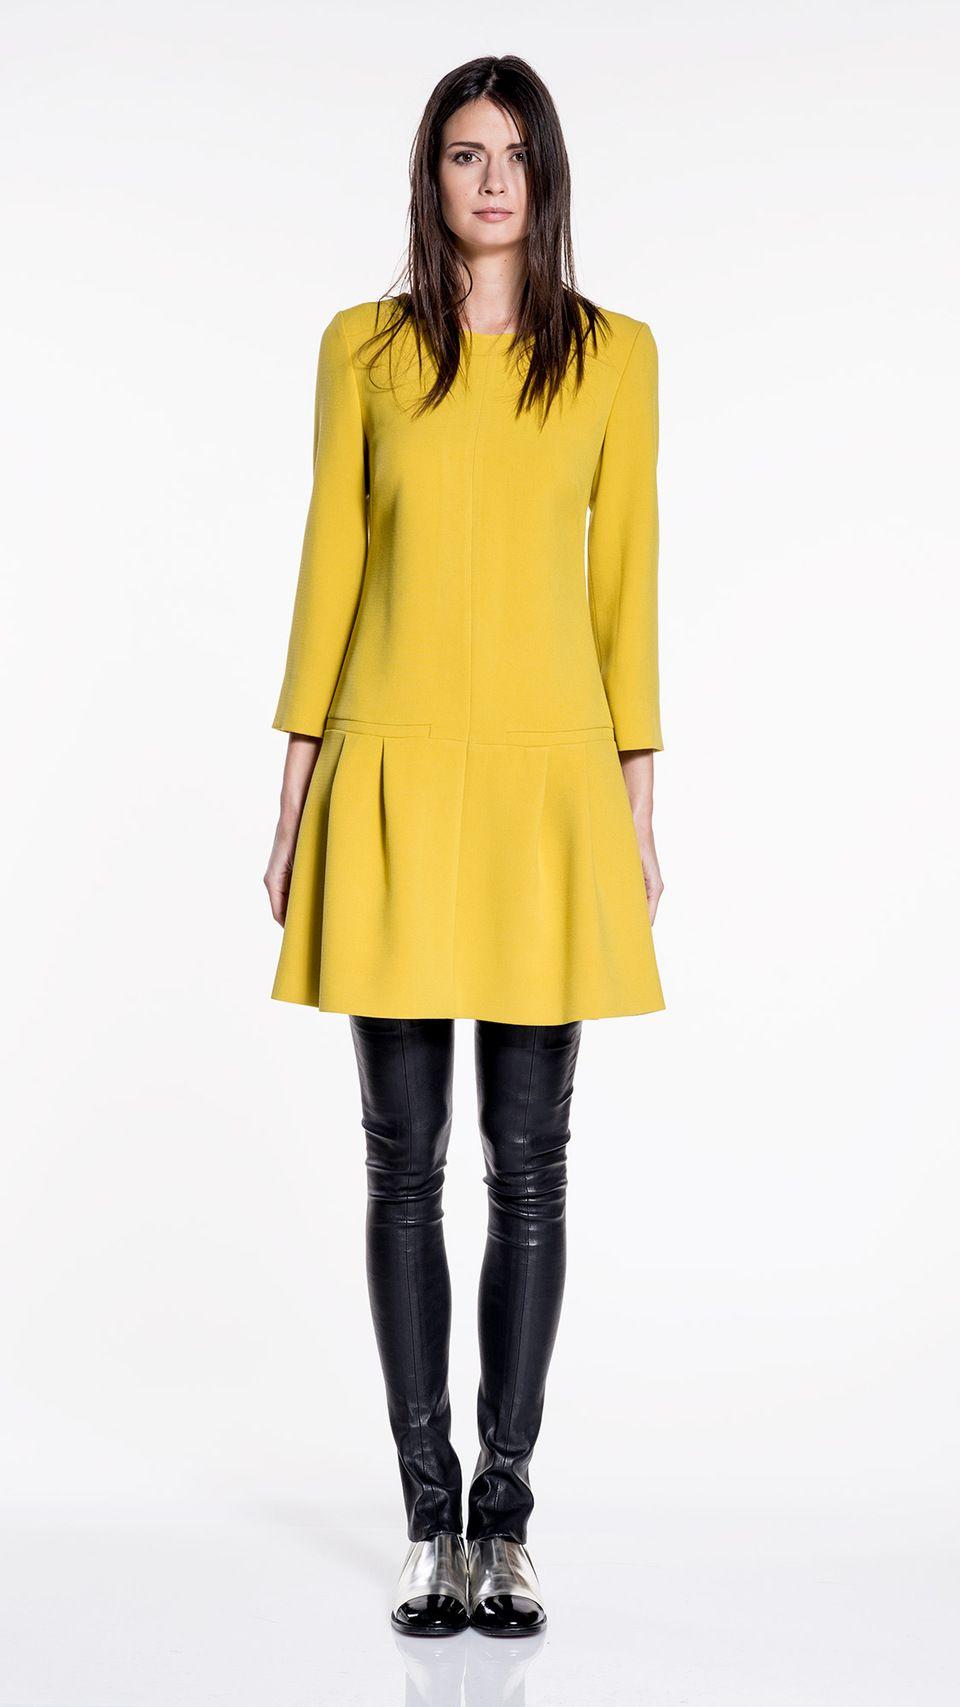 49777a9fb33239 Pin van Dorien Jansen op Hele leuke jurkjes - Winter dresses